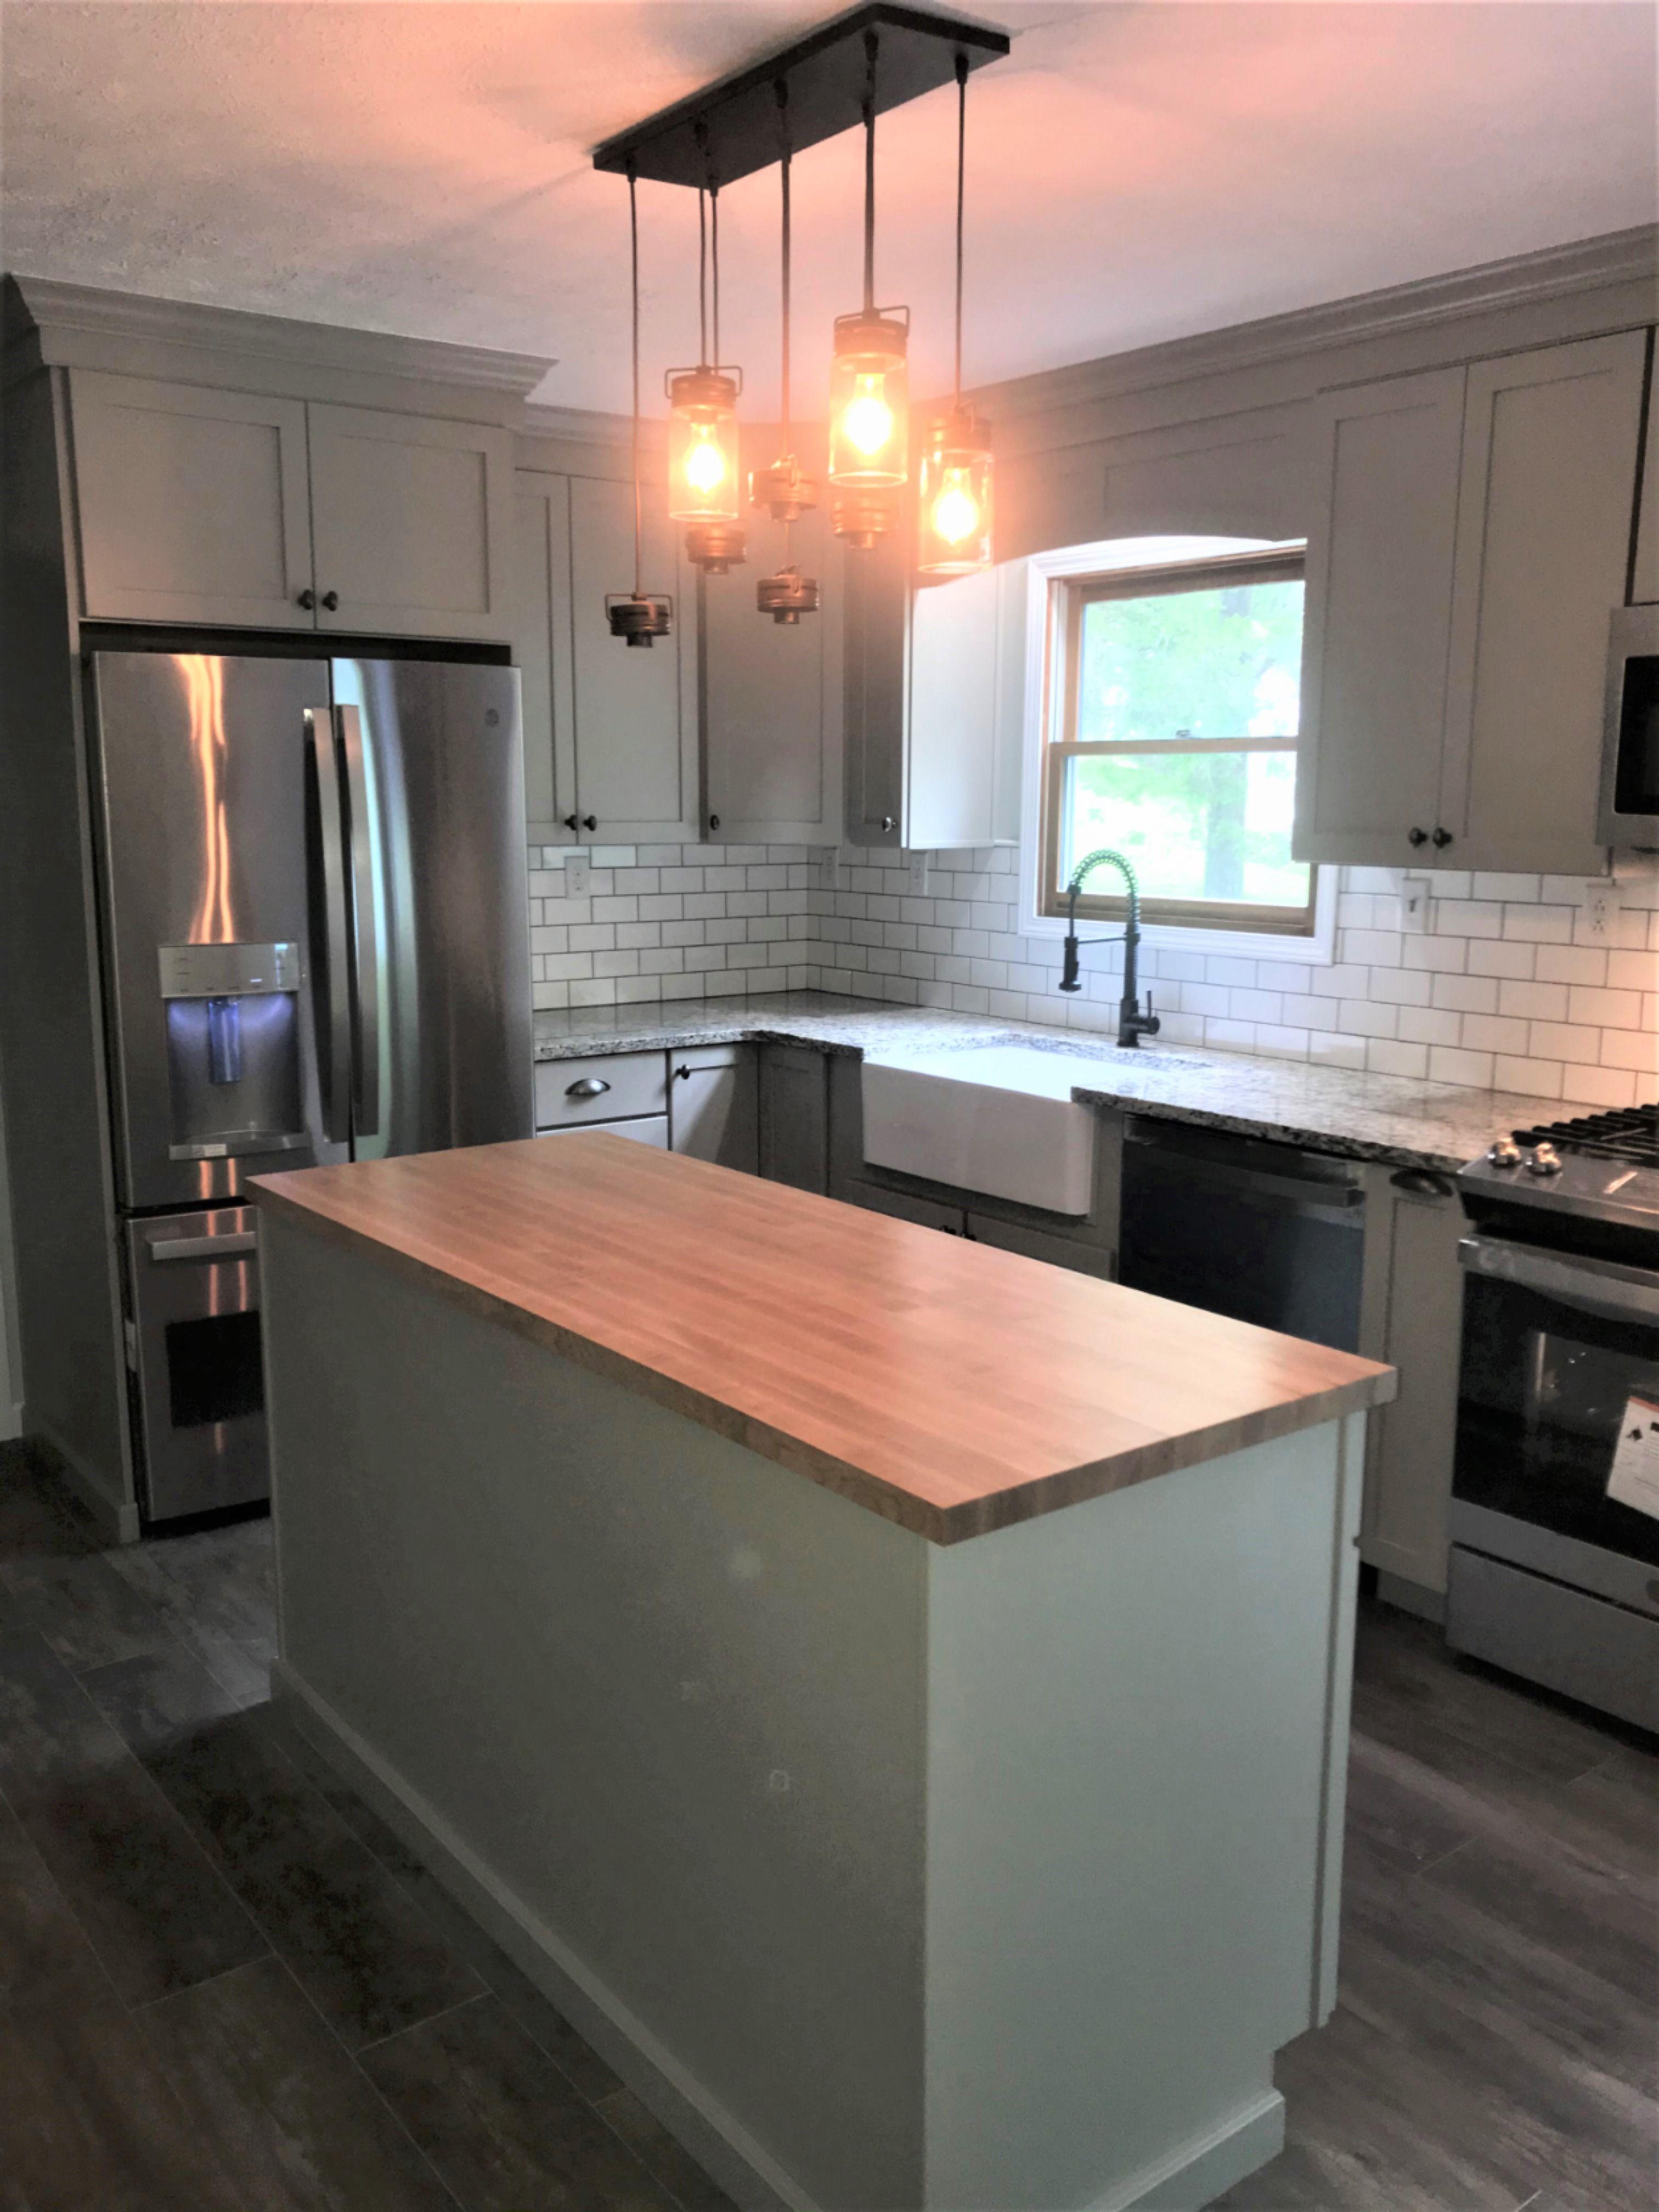 Pin On Kitchens Portfolio